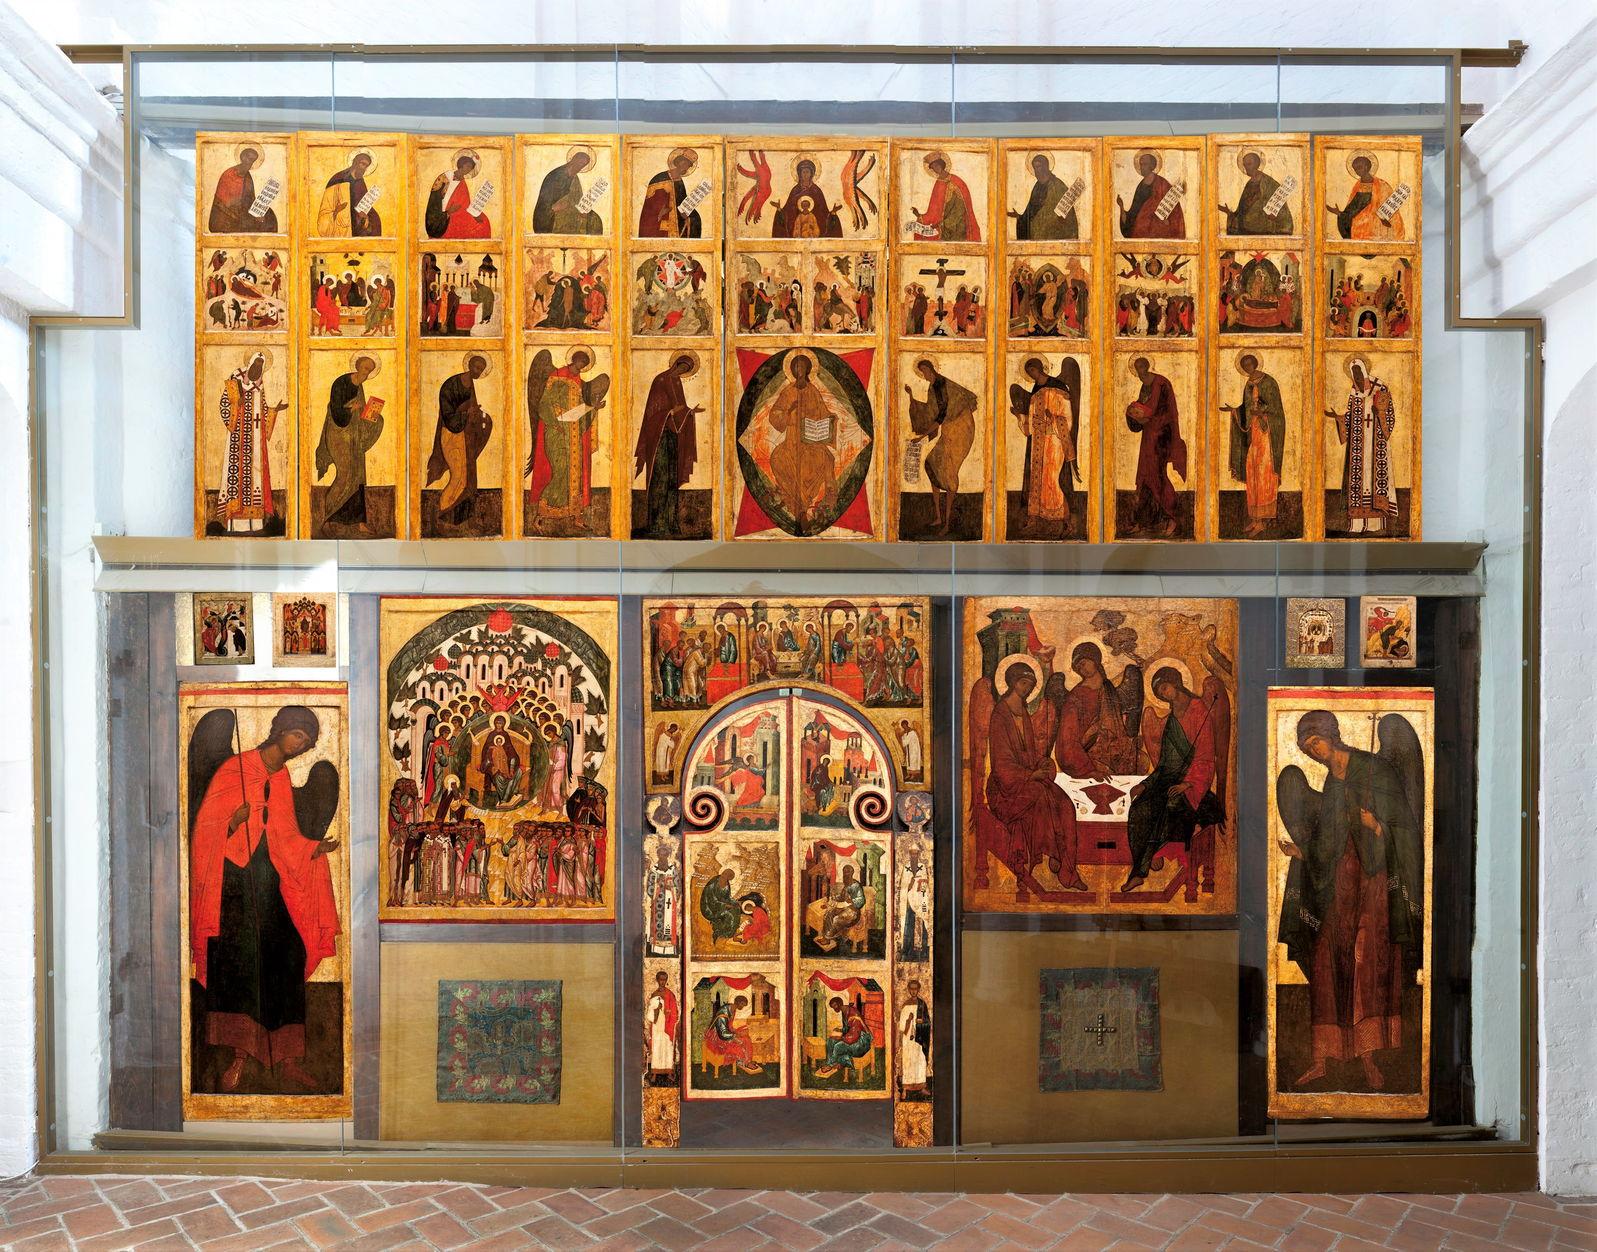 Реконструированный иконостас в церкви Святой Живоначальной Троицы